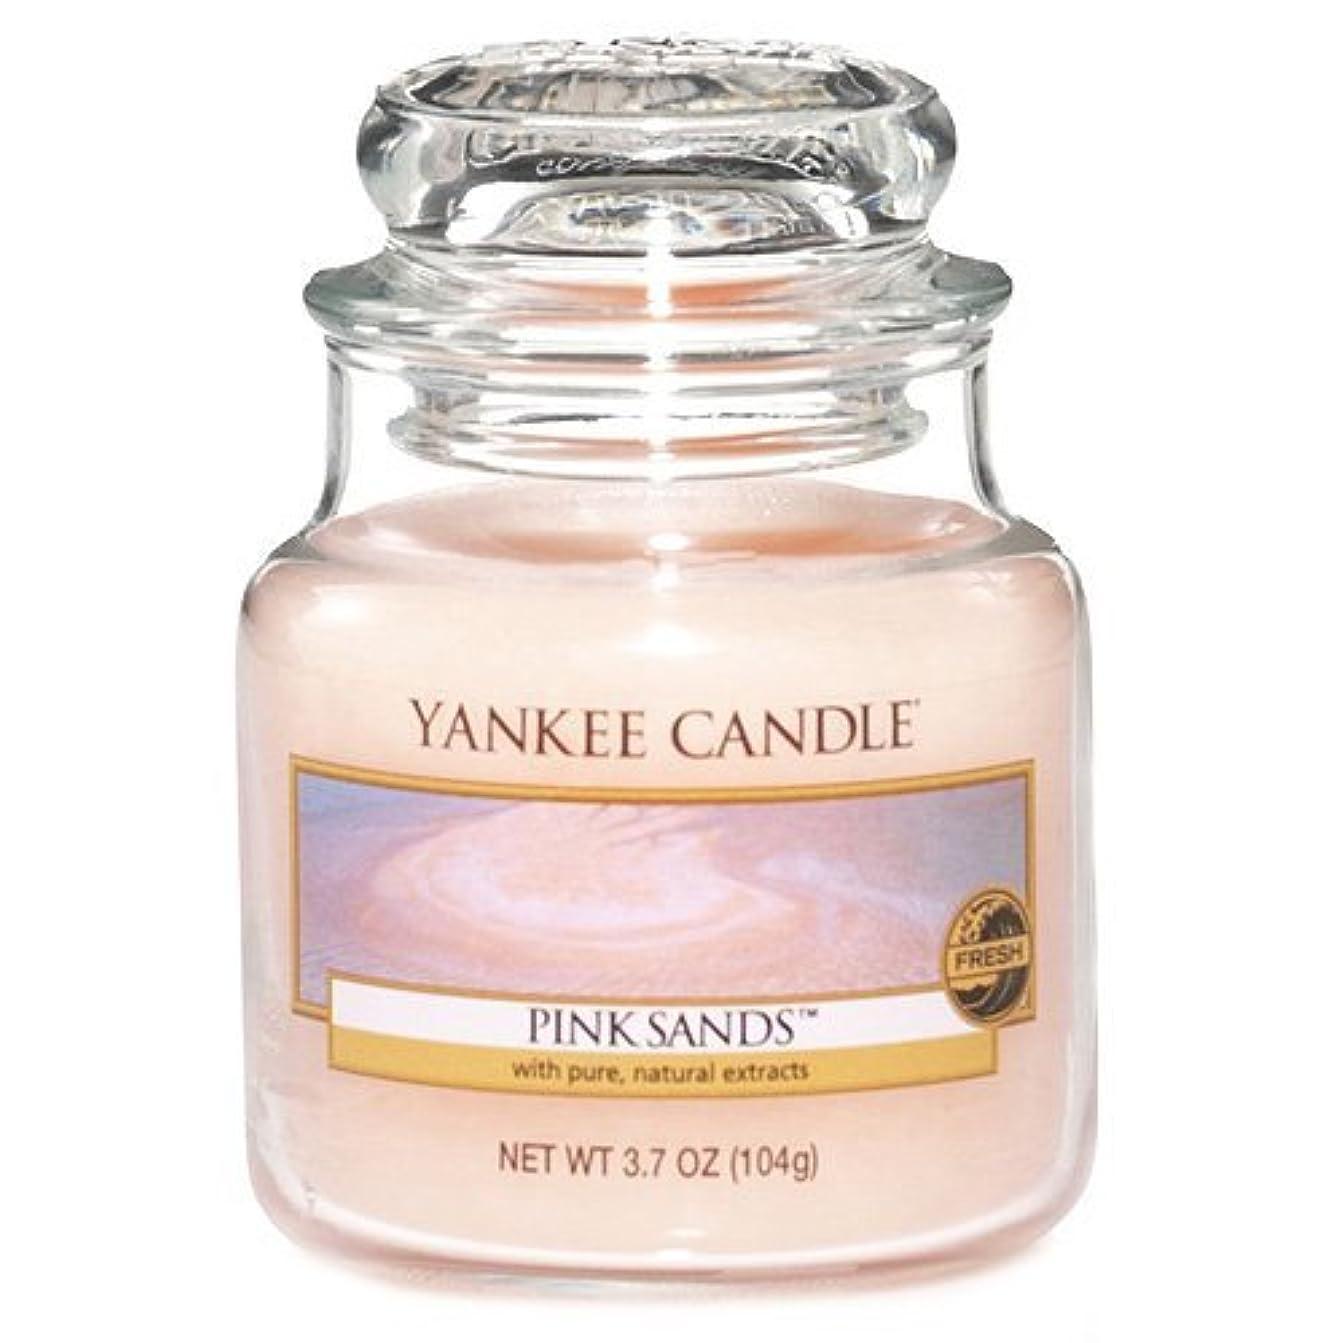 責任者ソファー欲望Yankee Candle Pink Sands 3.7-Ounce Jar Candle, Small [並行輸入品]